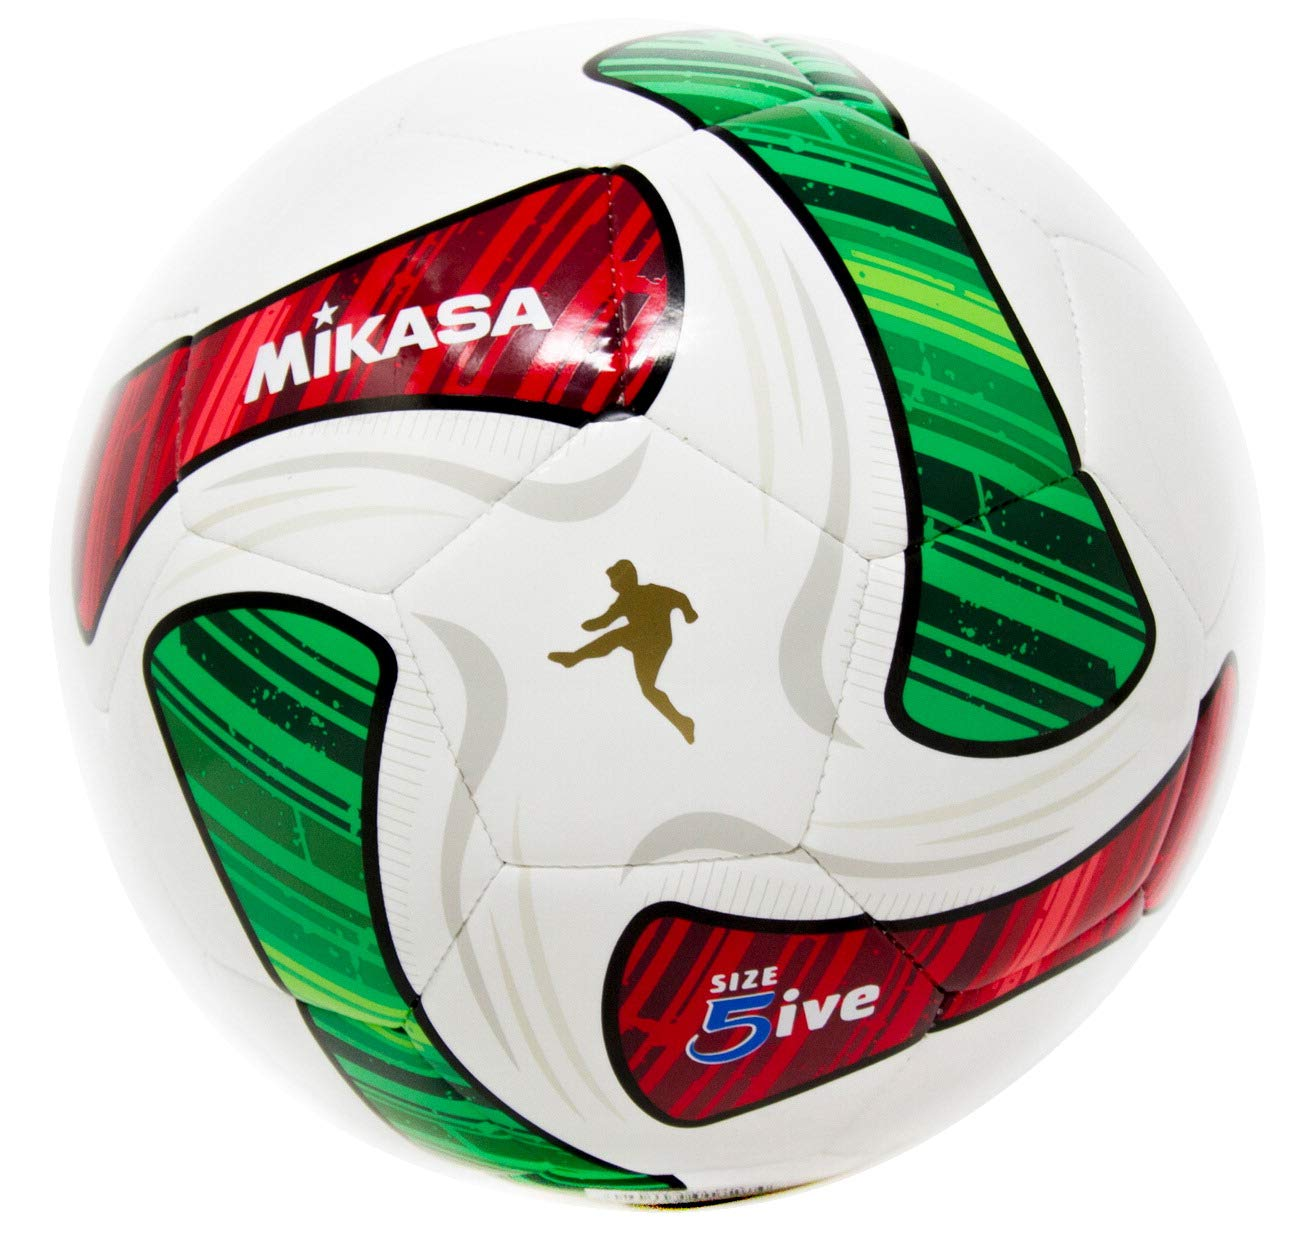 Mikasa SWA50-RG - Balón de fútbol de Lujo, tamaño Oficial 5ive ...